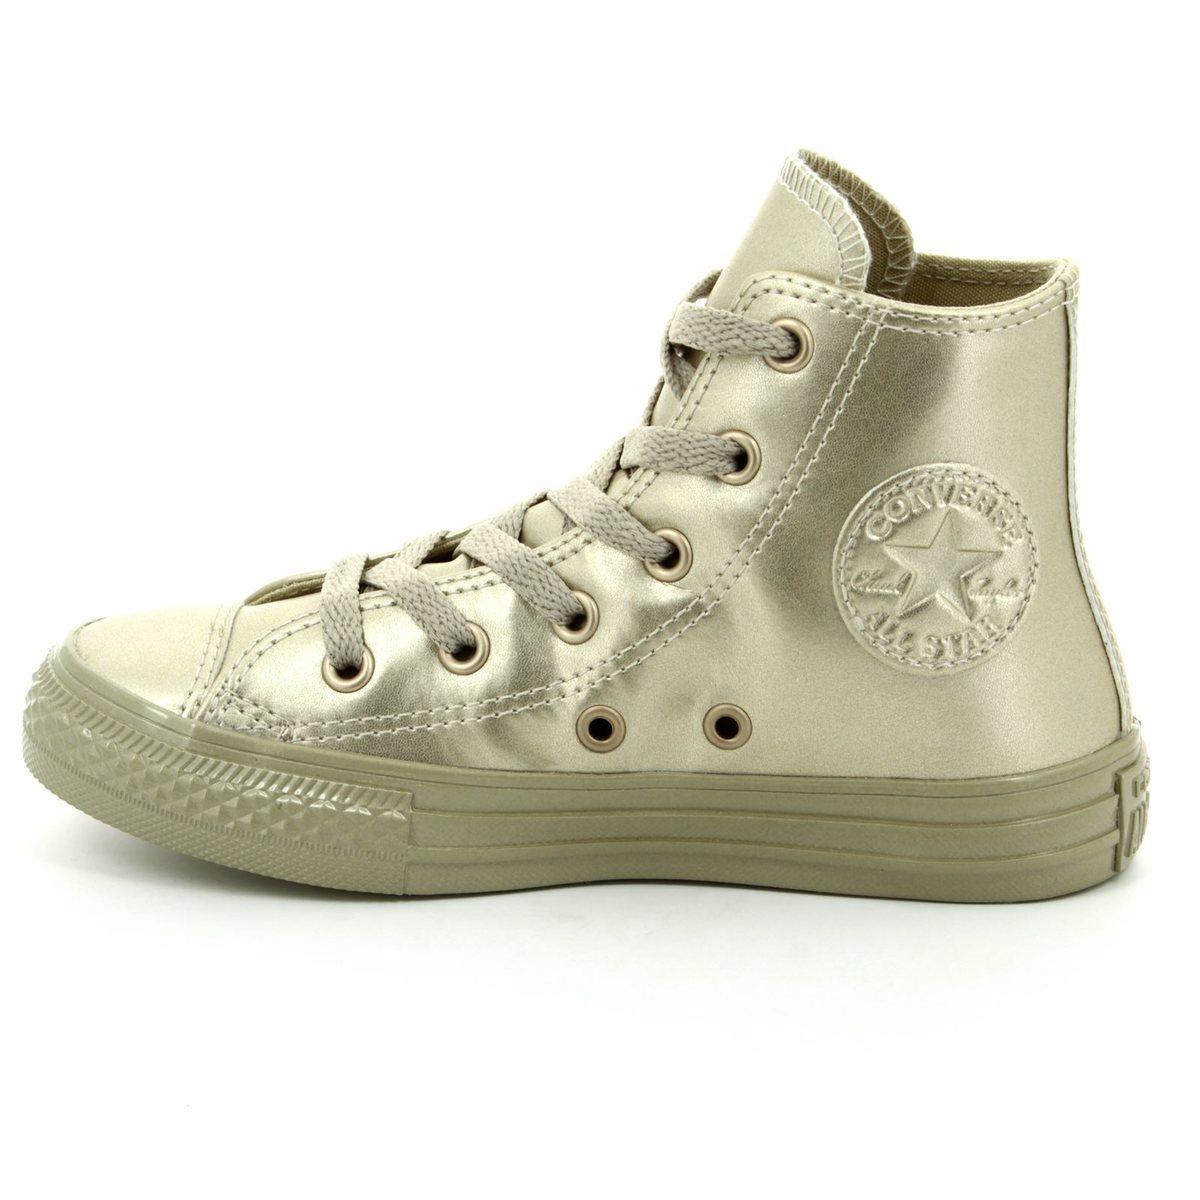 3c67838d406b Converse Trainers - Gold - 357631C Chuck Taylor Junior ALL STAR HI TOP